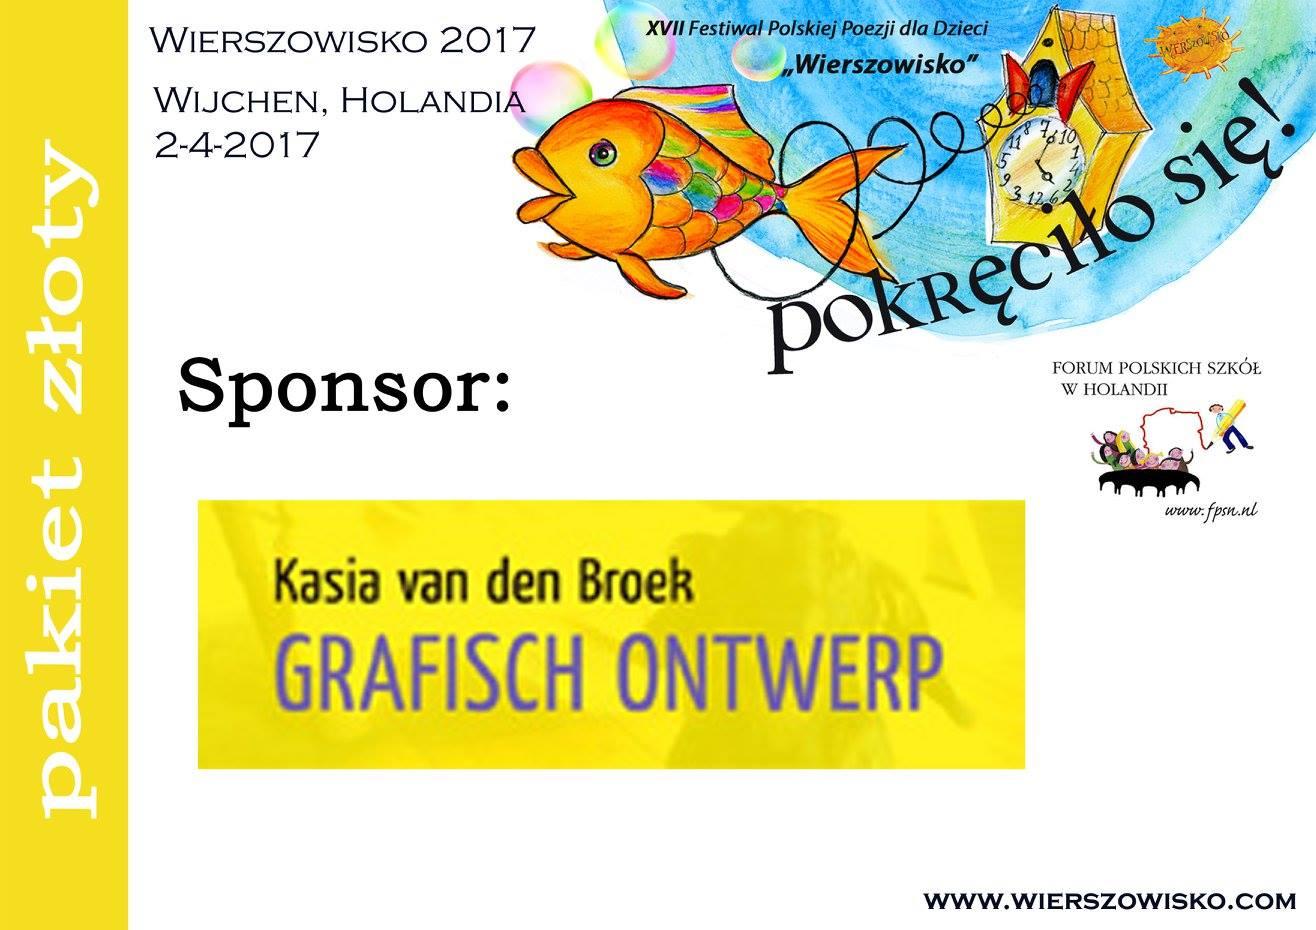 Kasia Van de Broek